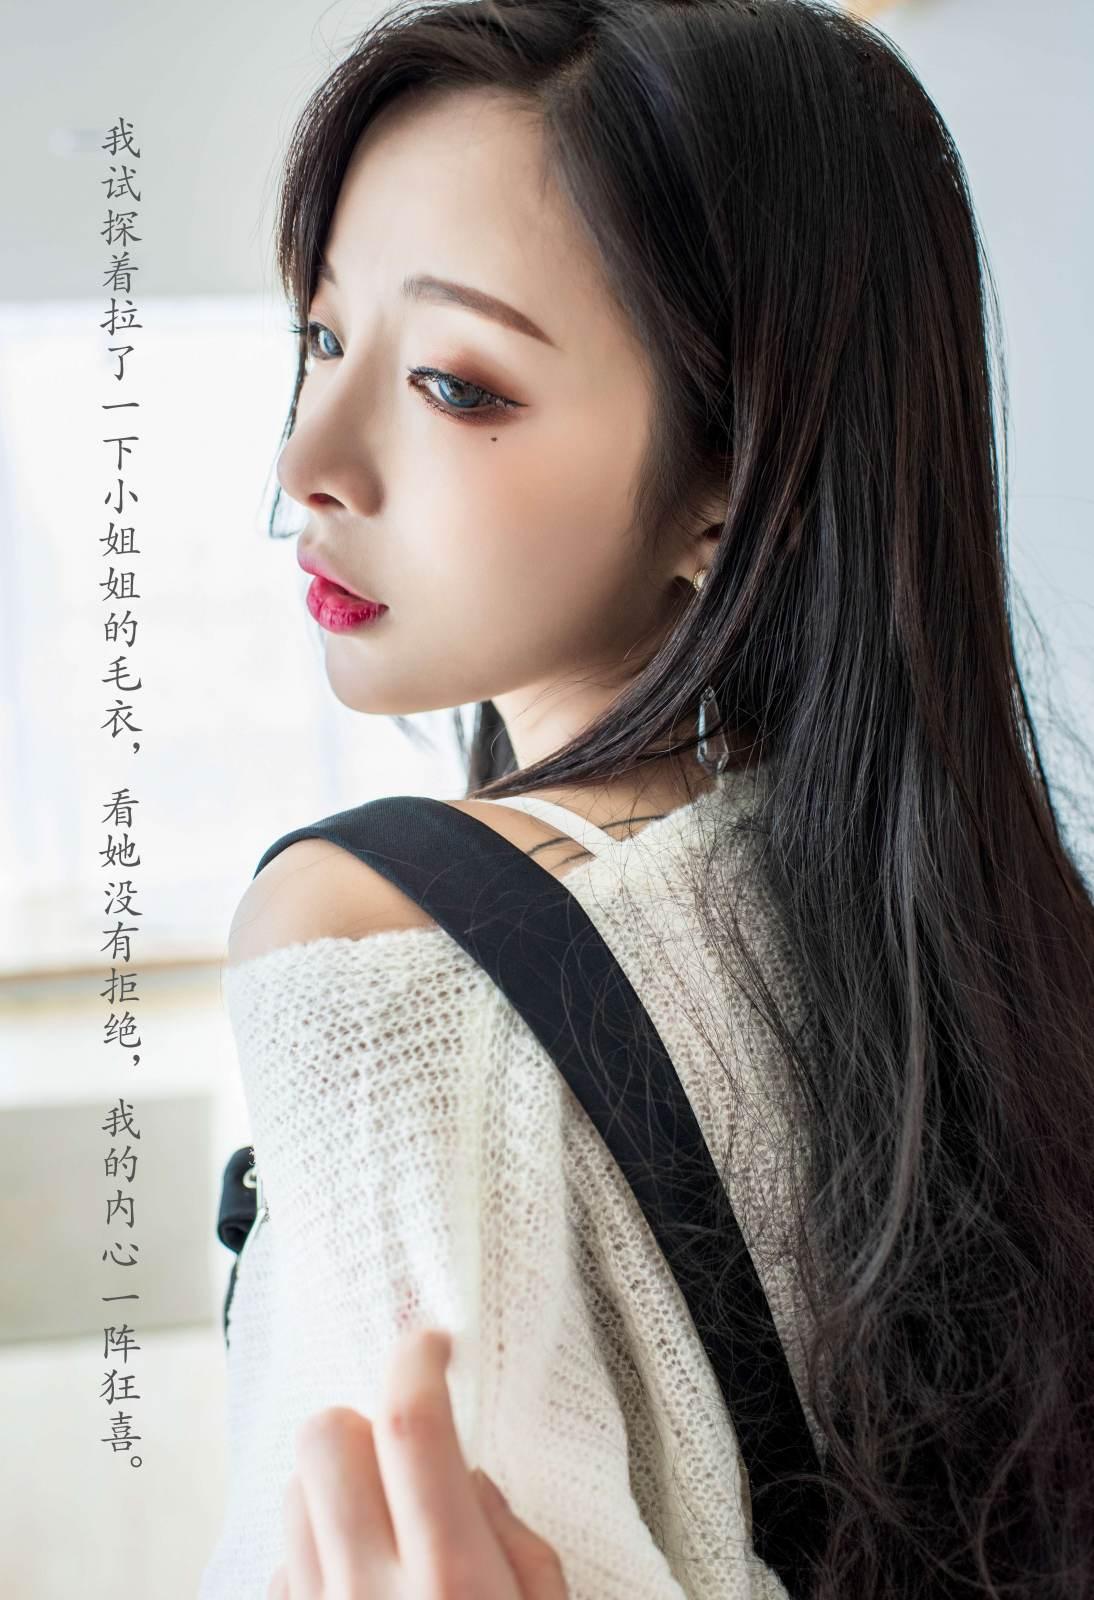 第168期刚失恋的小姐姐陈小喵(丝袜,高跟)_图片2